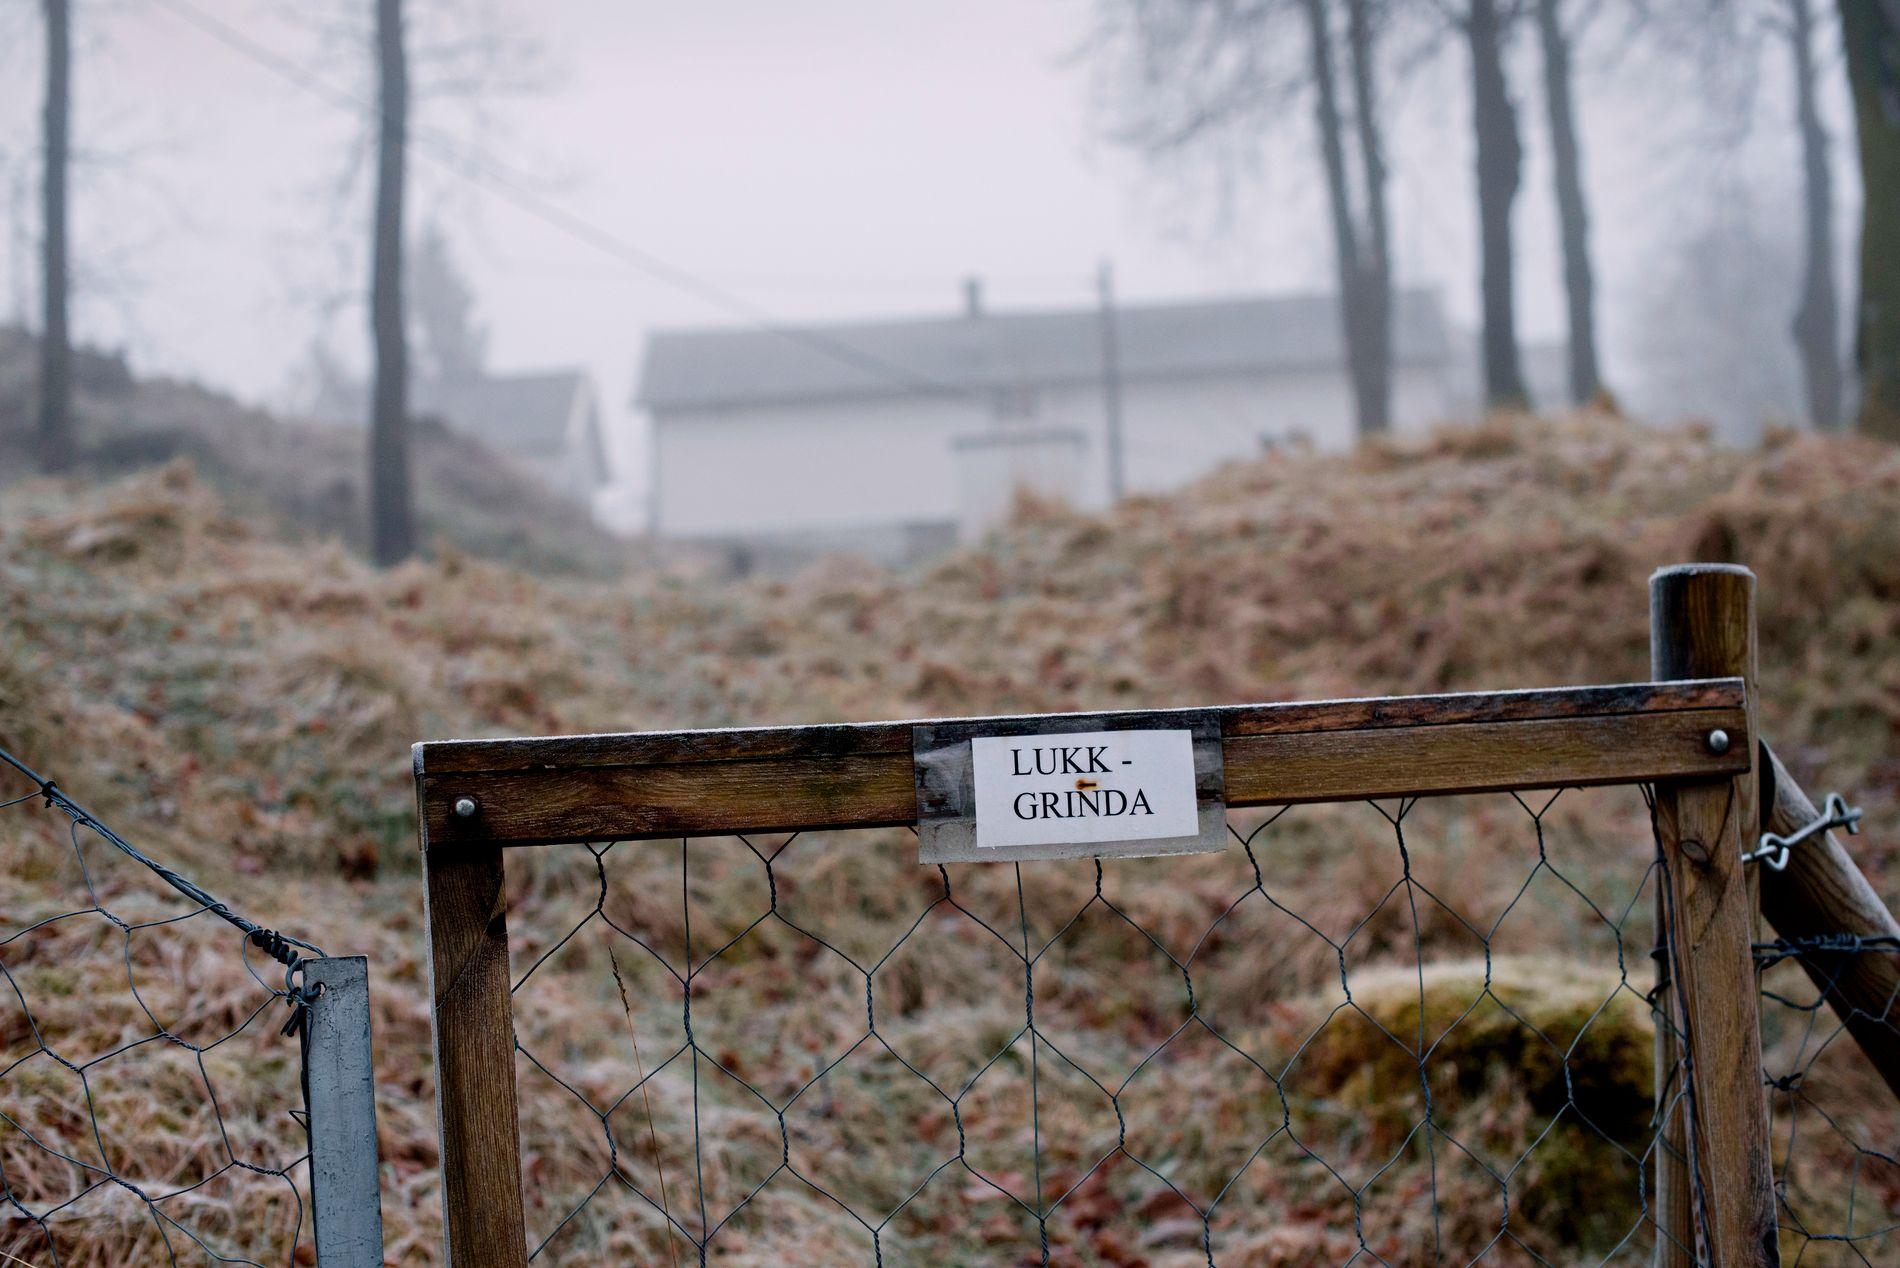 FENGSEL: Eg såg for meg at han hadde utsikt over gjerda frå cella si, sånn at han kunne sjå utover fridommen han ikkje hadde, skriv deltakaren i BTs skrivekonkurranse «Historier frå Bergen fengsel». Bilete er frå Ulvsnesøy fengsel på Osterøy.